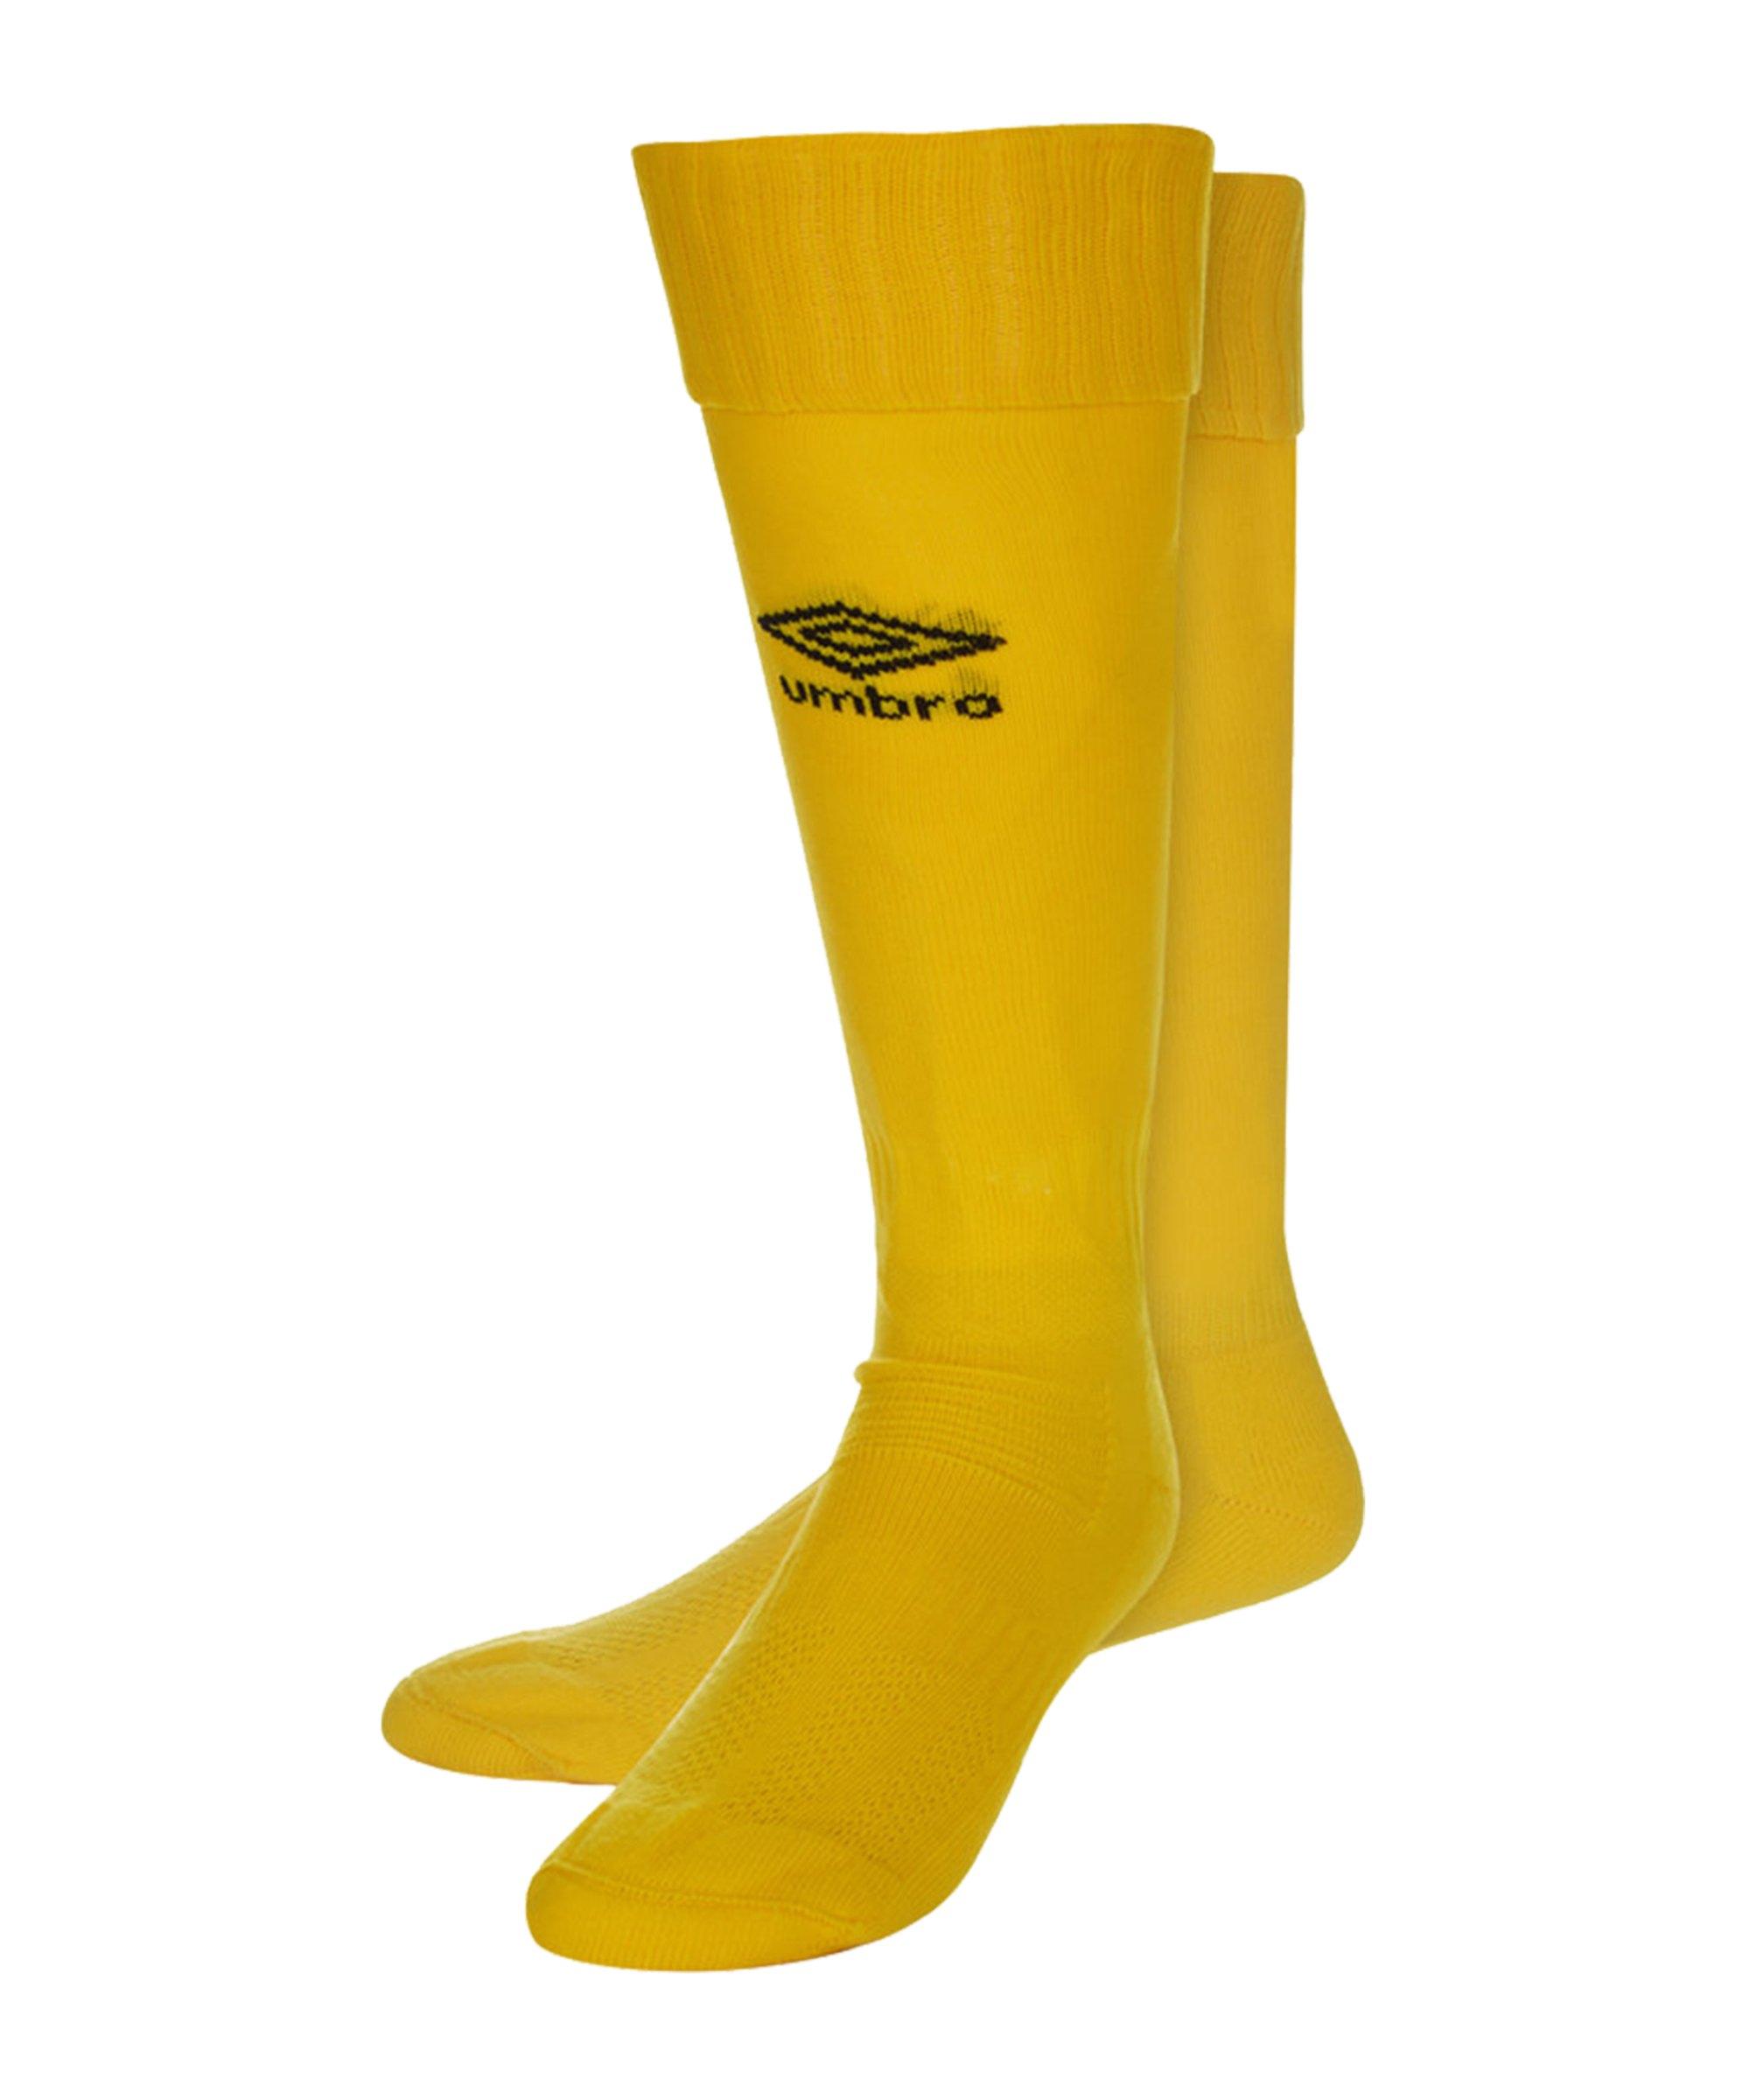 Umbro Primo Strumpfstutzen Gelb F0LF - gelb